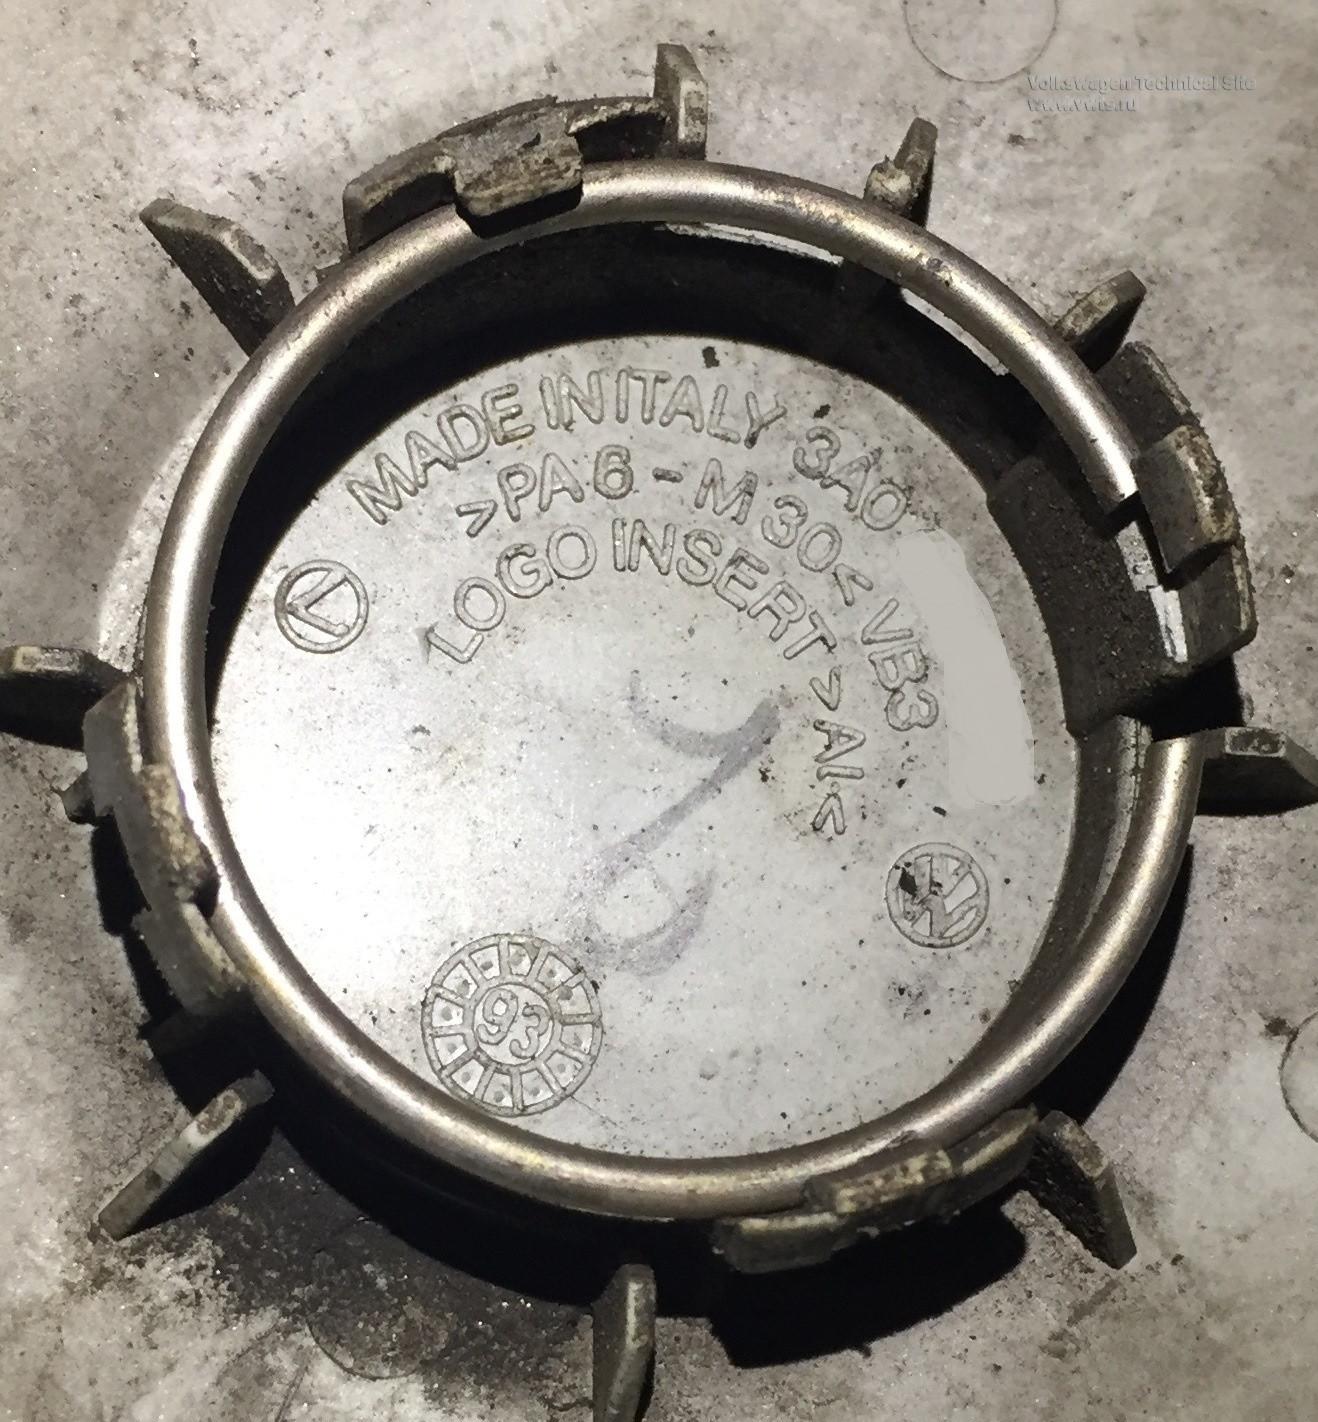 8EAAAgKNneA-1920.jpg